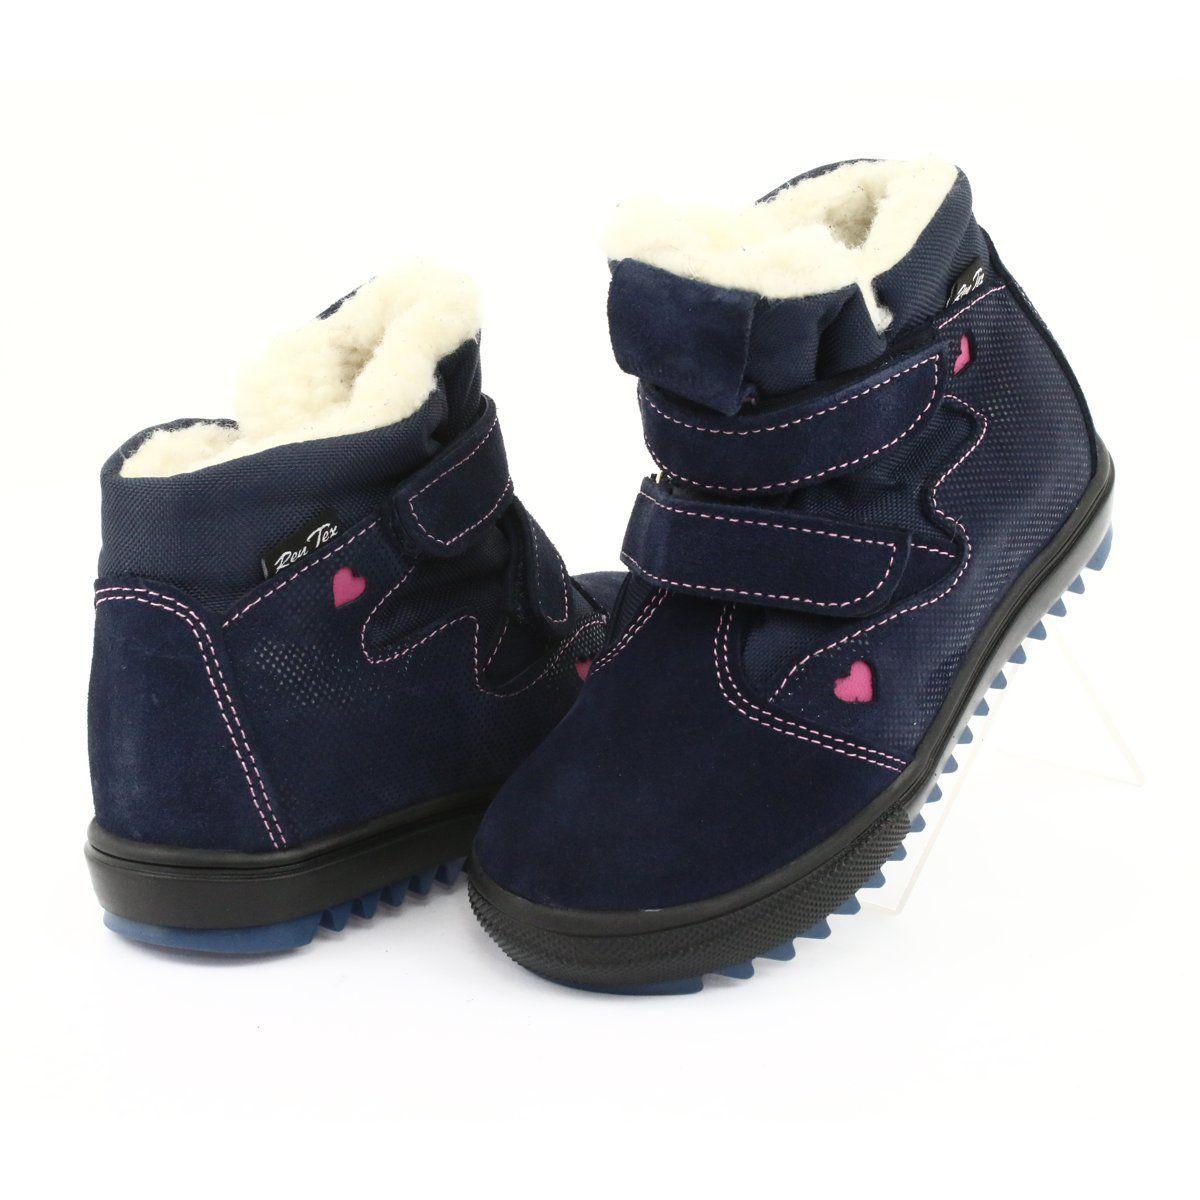 Ren But Kozaczki Z Membrana 4411 Rzepy Granatowe Rozowe Boots Childrens Boots Kid Shoes